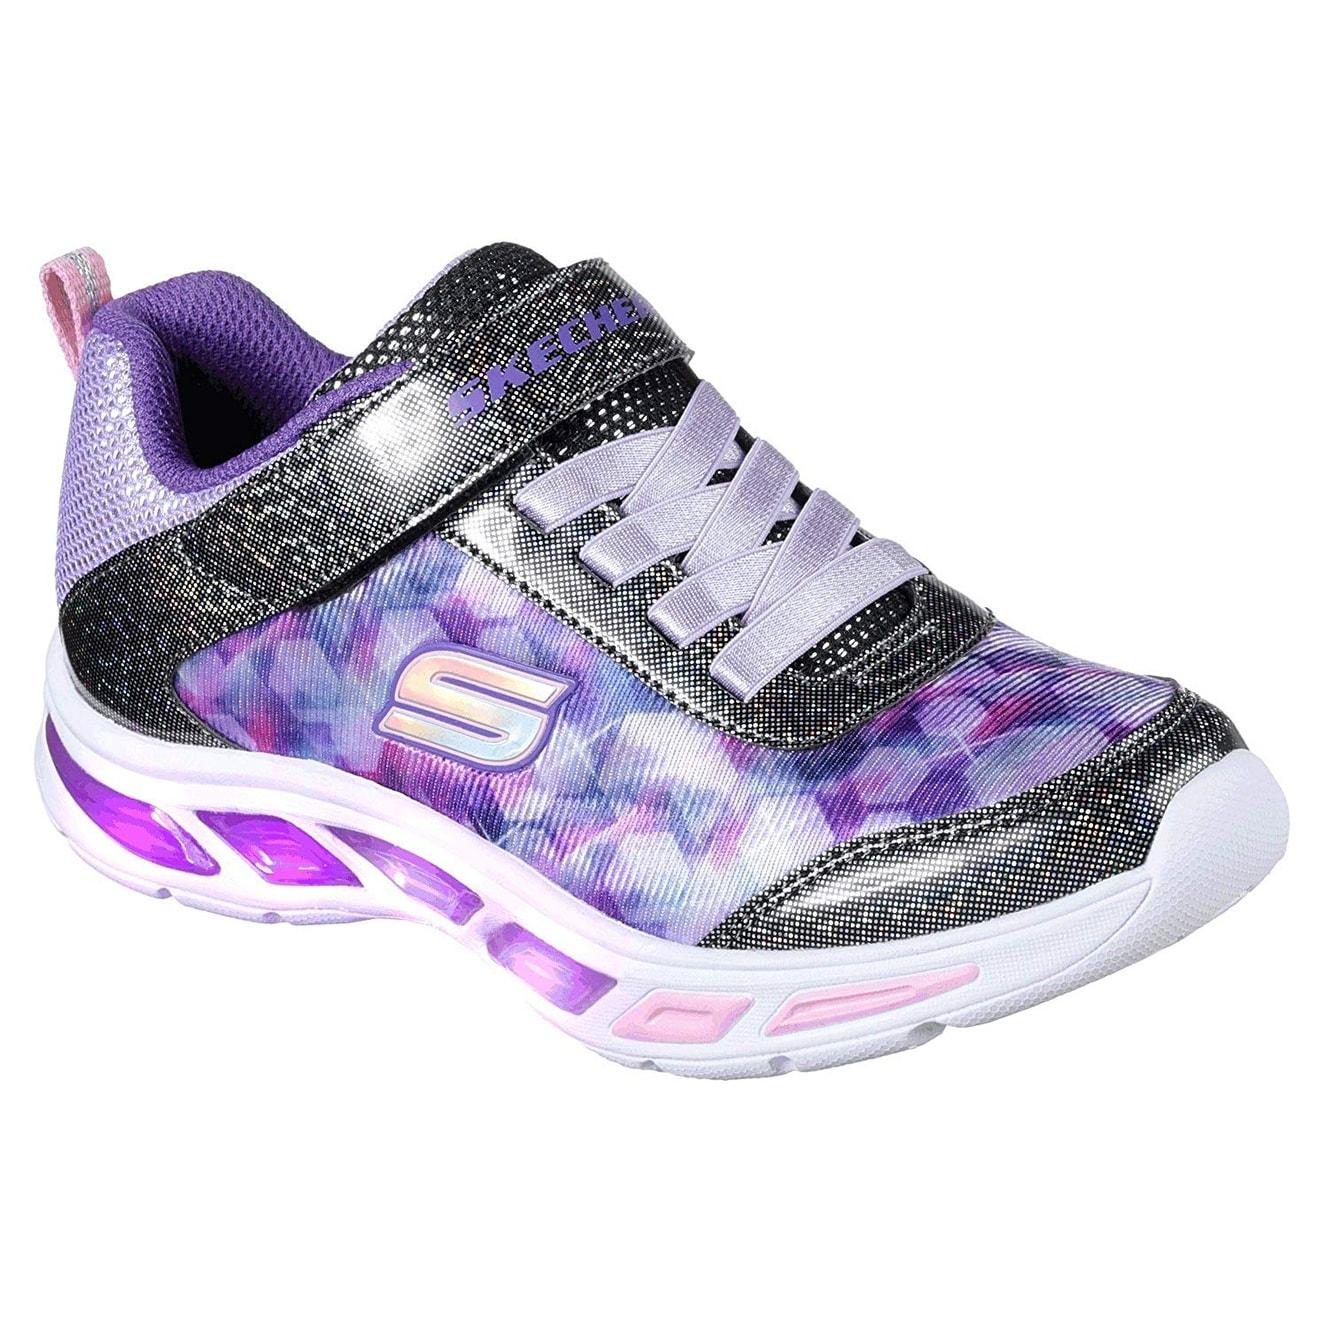 fa6deadc2870 Shop Skechers Kids Girls  Litebeams-Dance N glow Sneaker